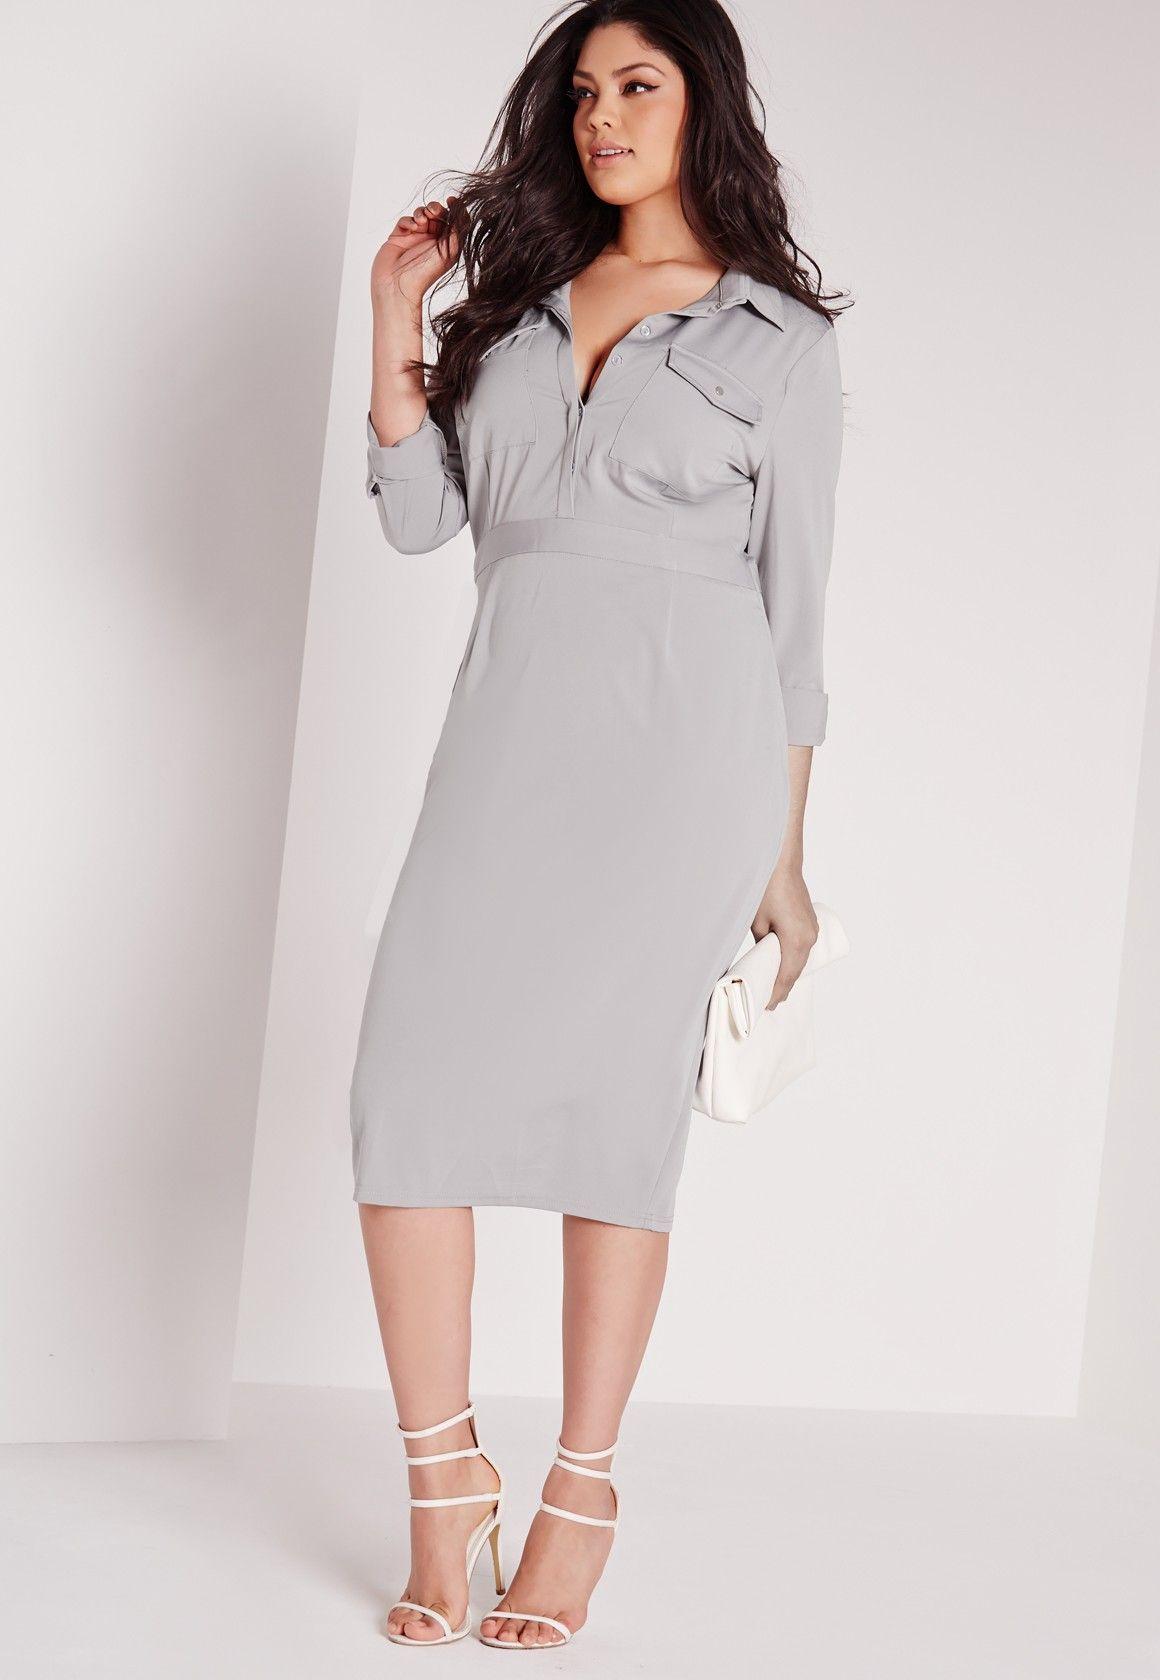 plus size slinky midi dress grey $51.00. 12 and 16